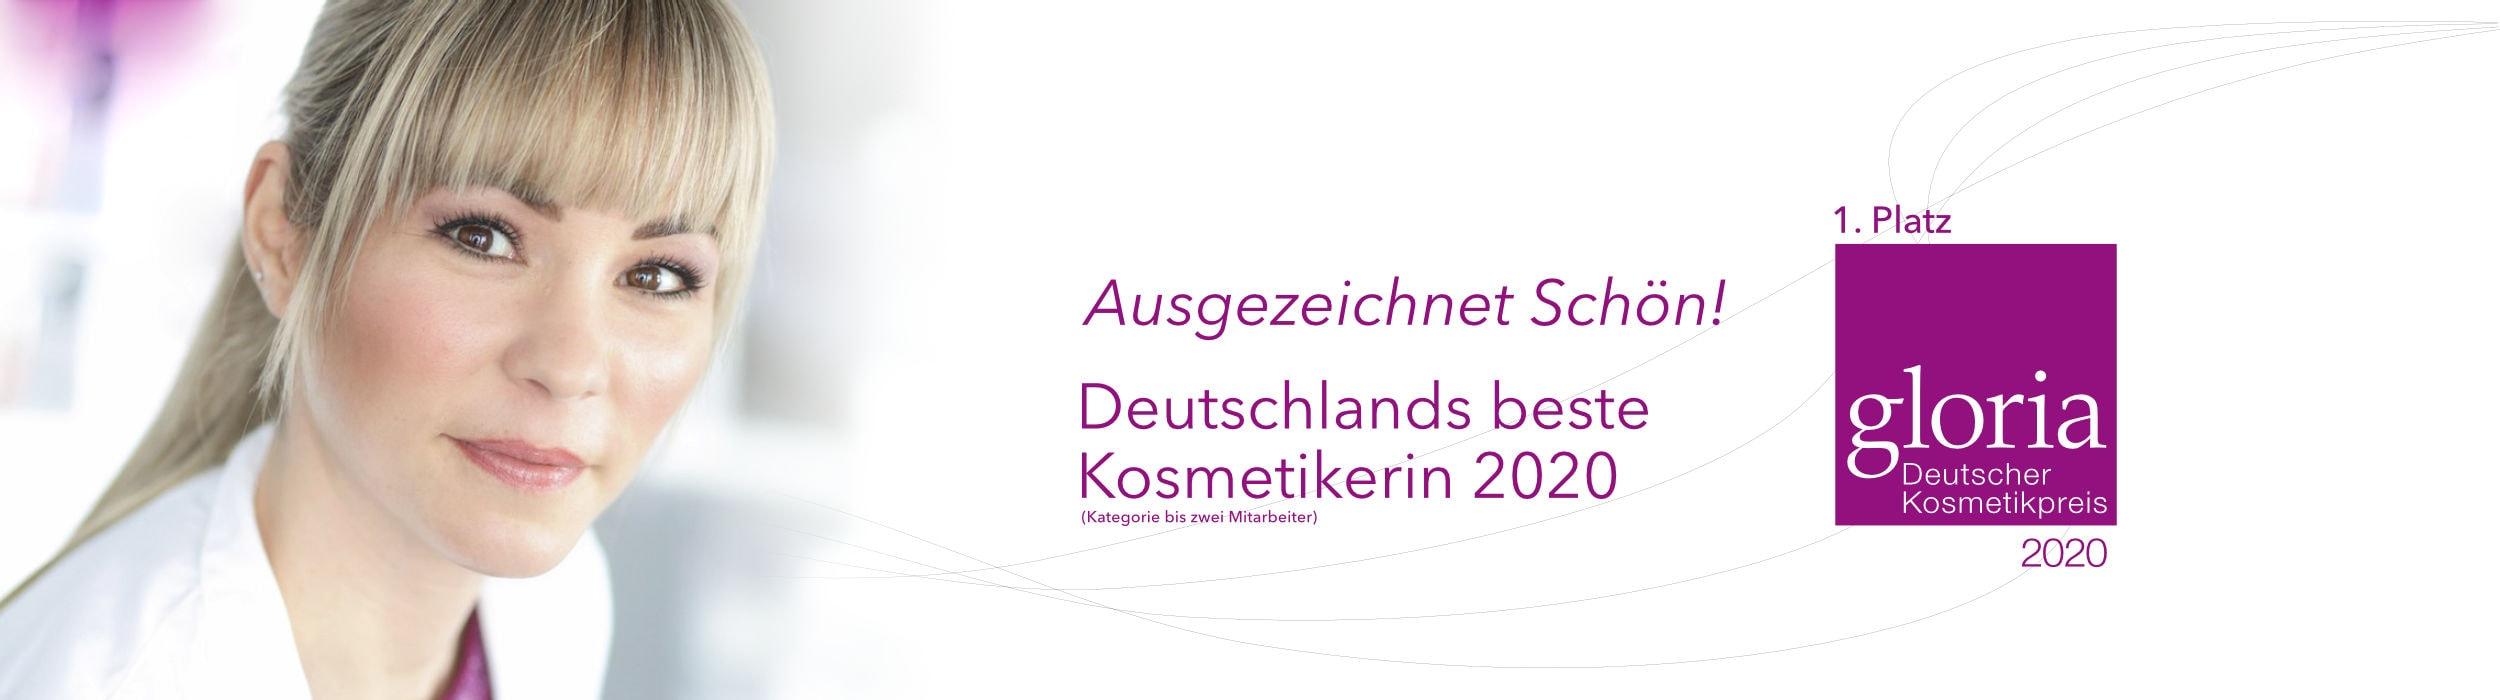 Deutscher Kosmetikpreis für Klaudia Heidrich und ihr Kosmetikinstitut in Rheinbach